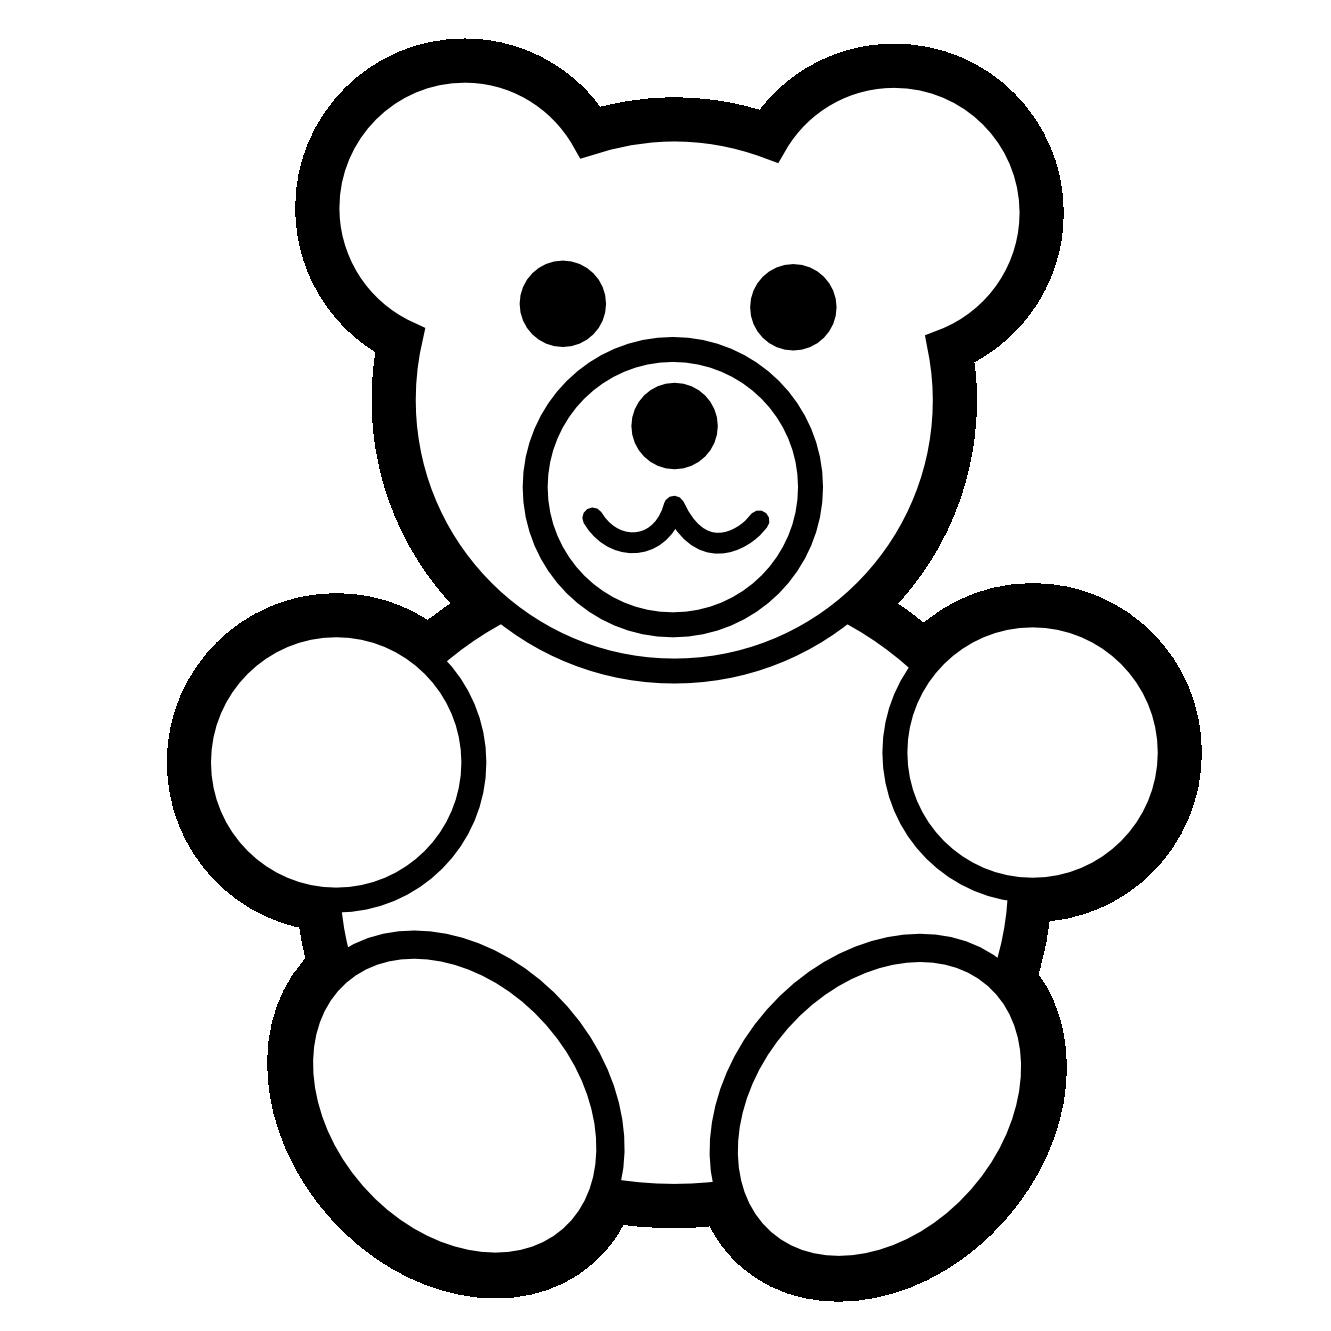 christmas teddy bear clipart net clip art teddy bear icon rh pinterest com christmas black and white clipart free christmas black and white clipart free